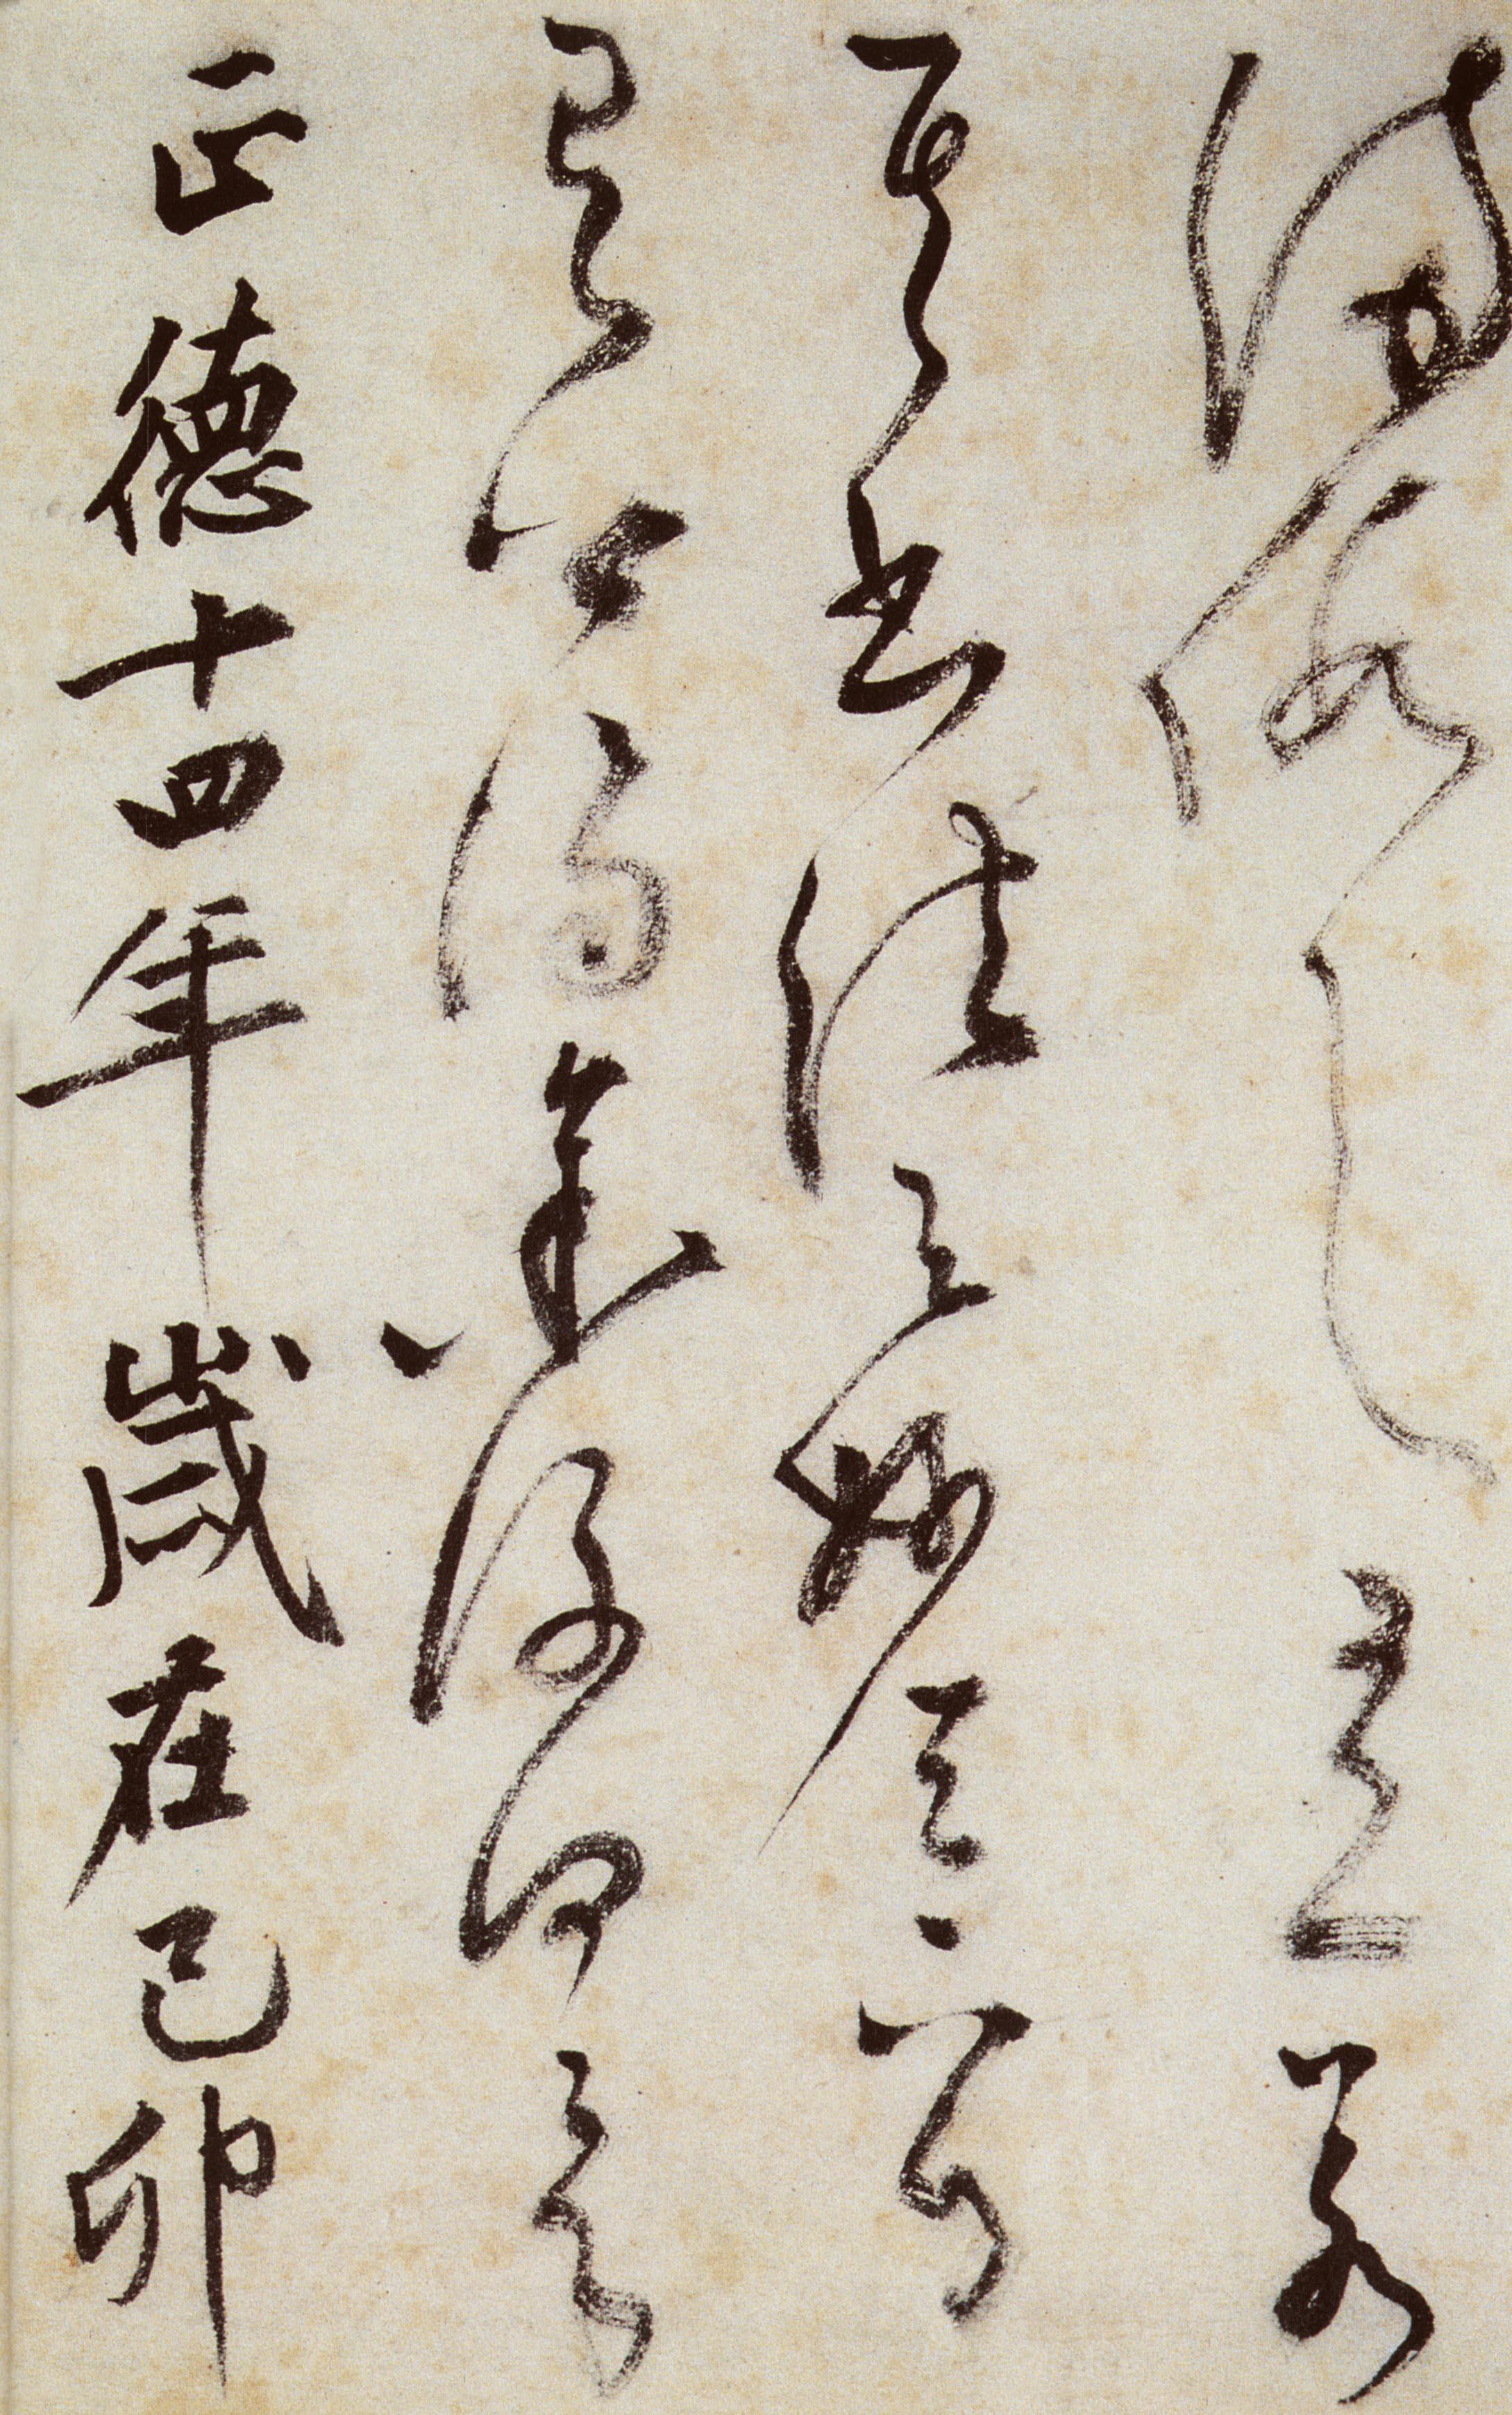 文徵明自作诗草书卷 - 香儿 - xianger